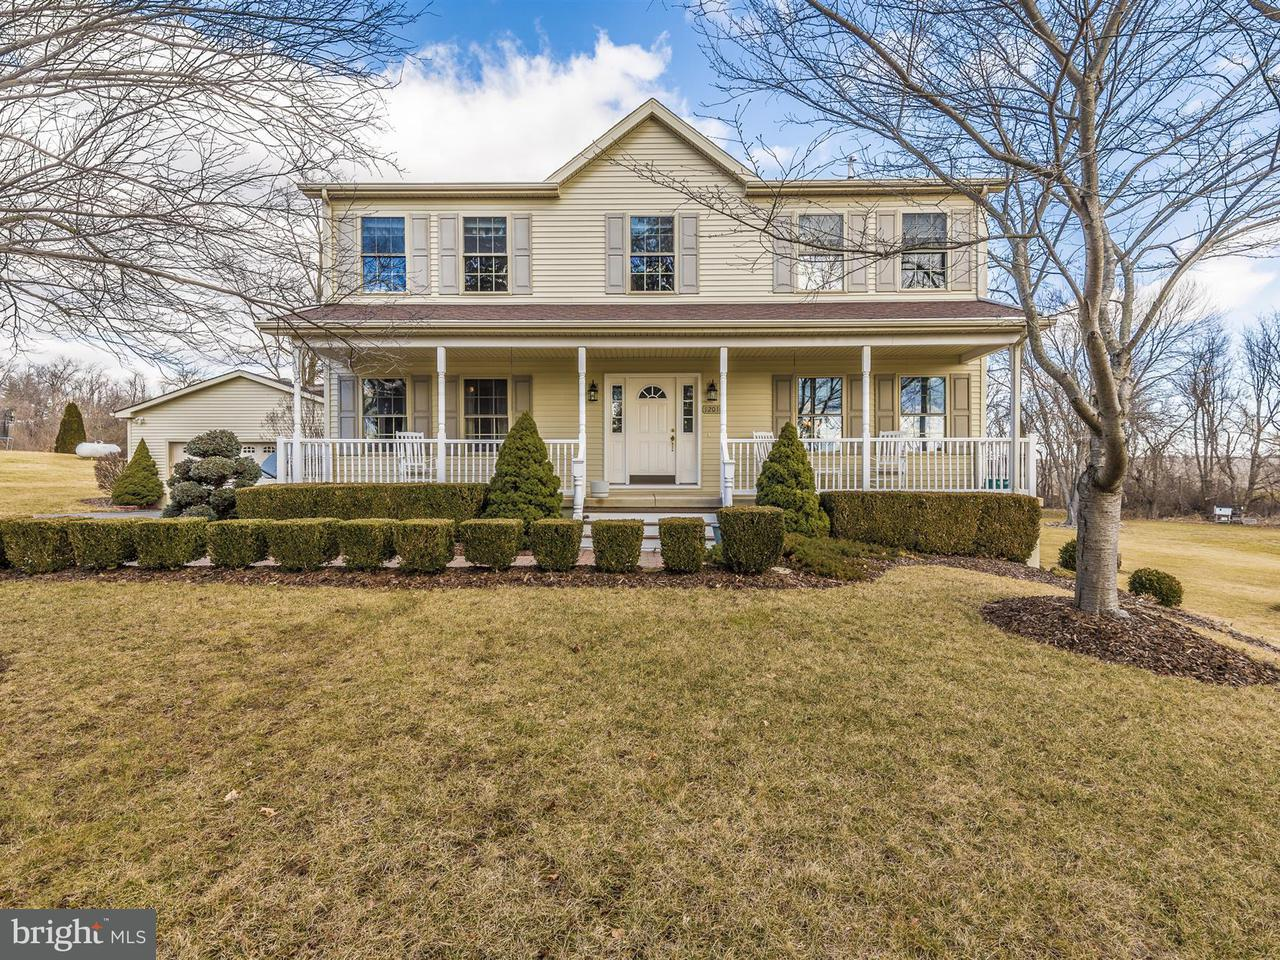 獨棟家庭住宅 為 出售 在 12016 North Street 12016 North Street Libertytown, 馬里蘭州 21762 美國